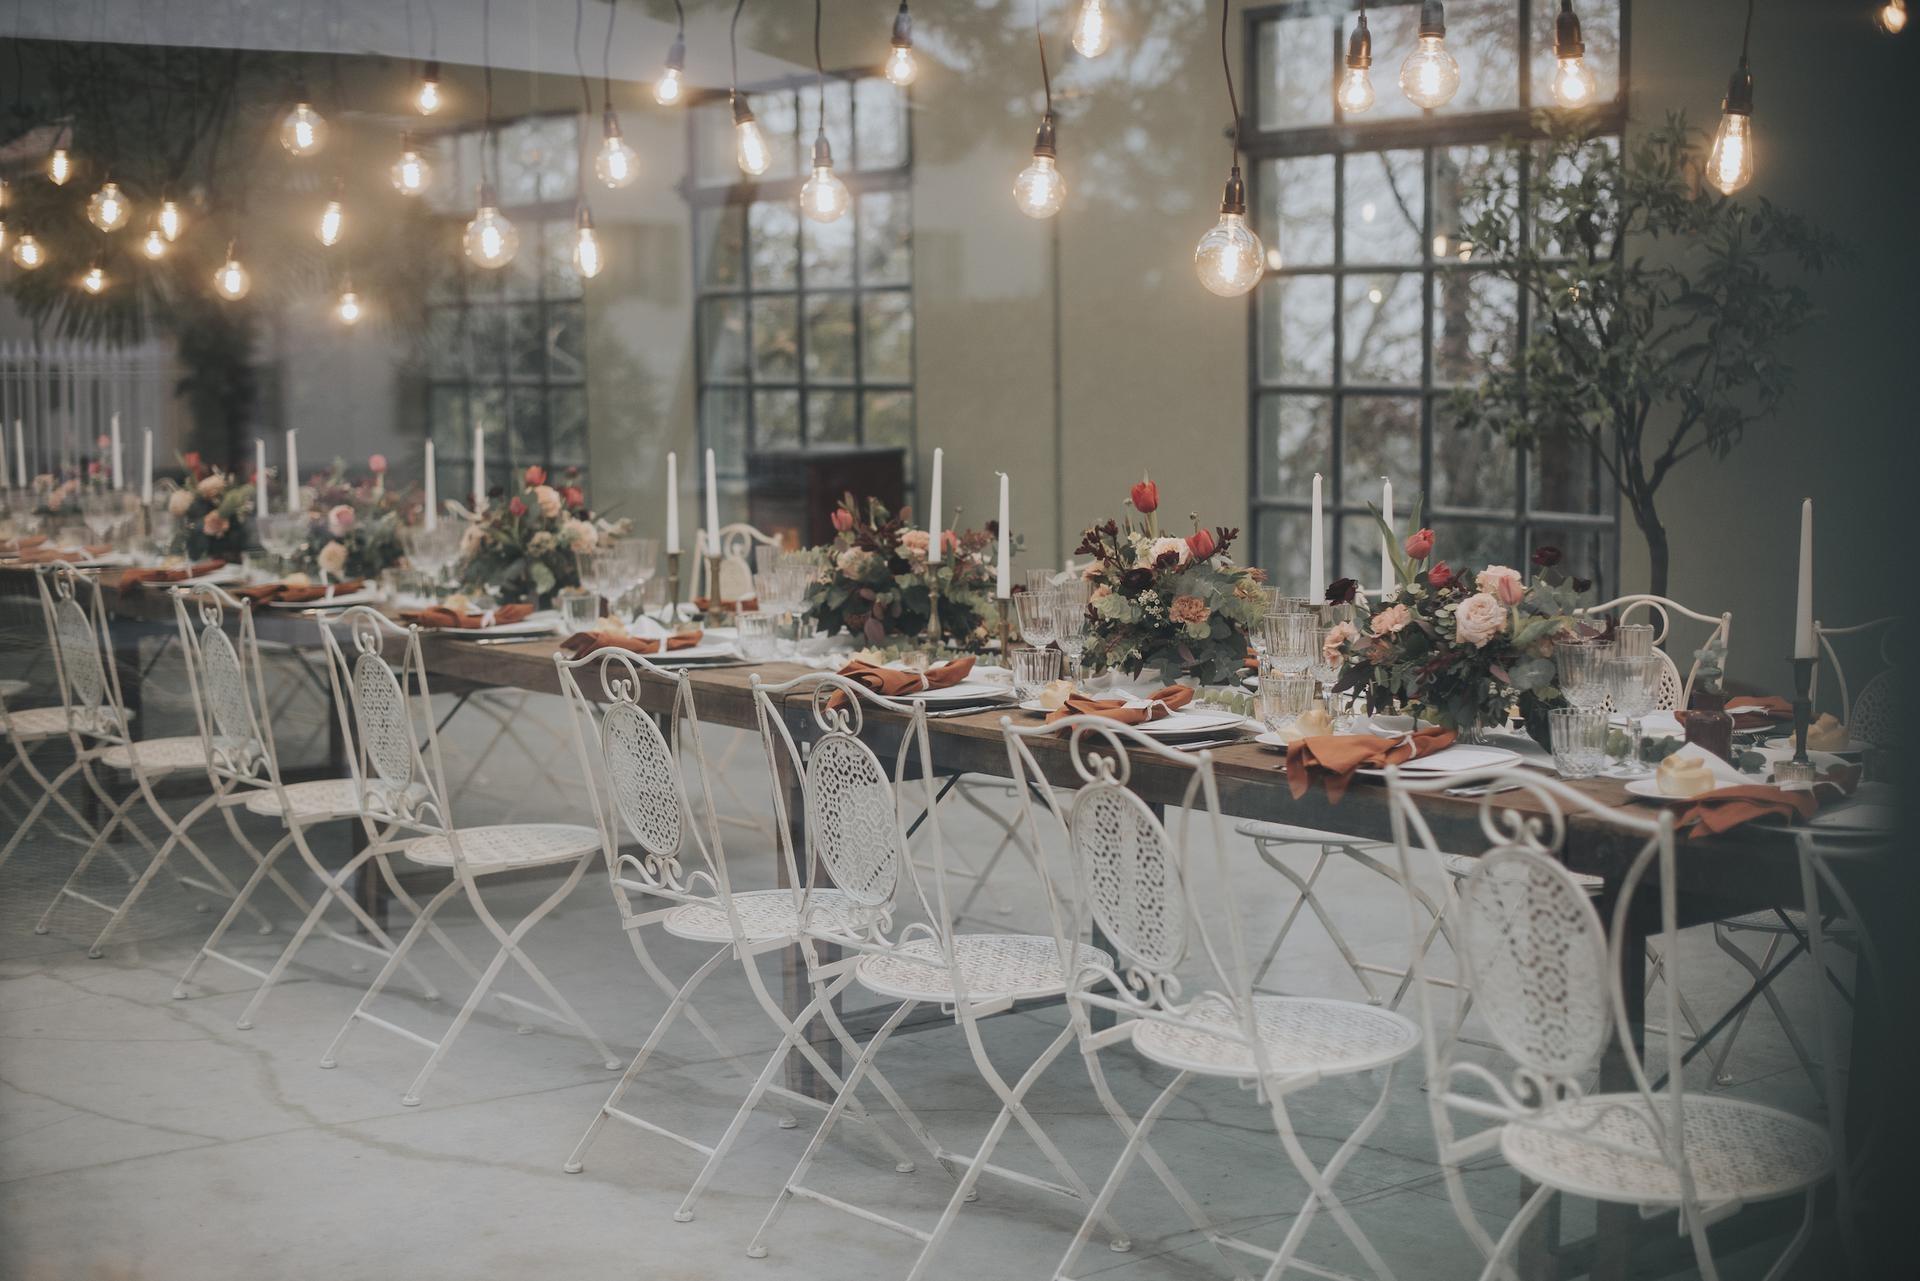 Tenuta Roncolo 1888 di Venturini Baldini - WP: Oro Rosa Wedding Design - Ph. Daniela Nizzoli Photography